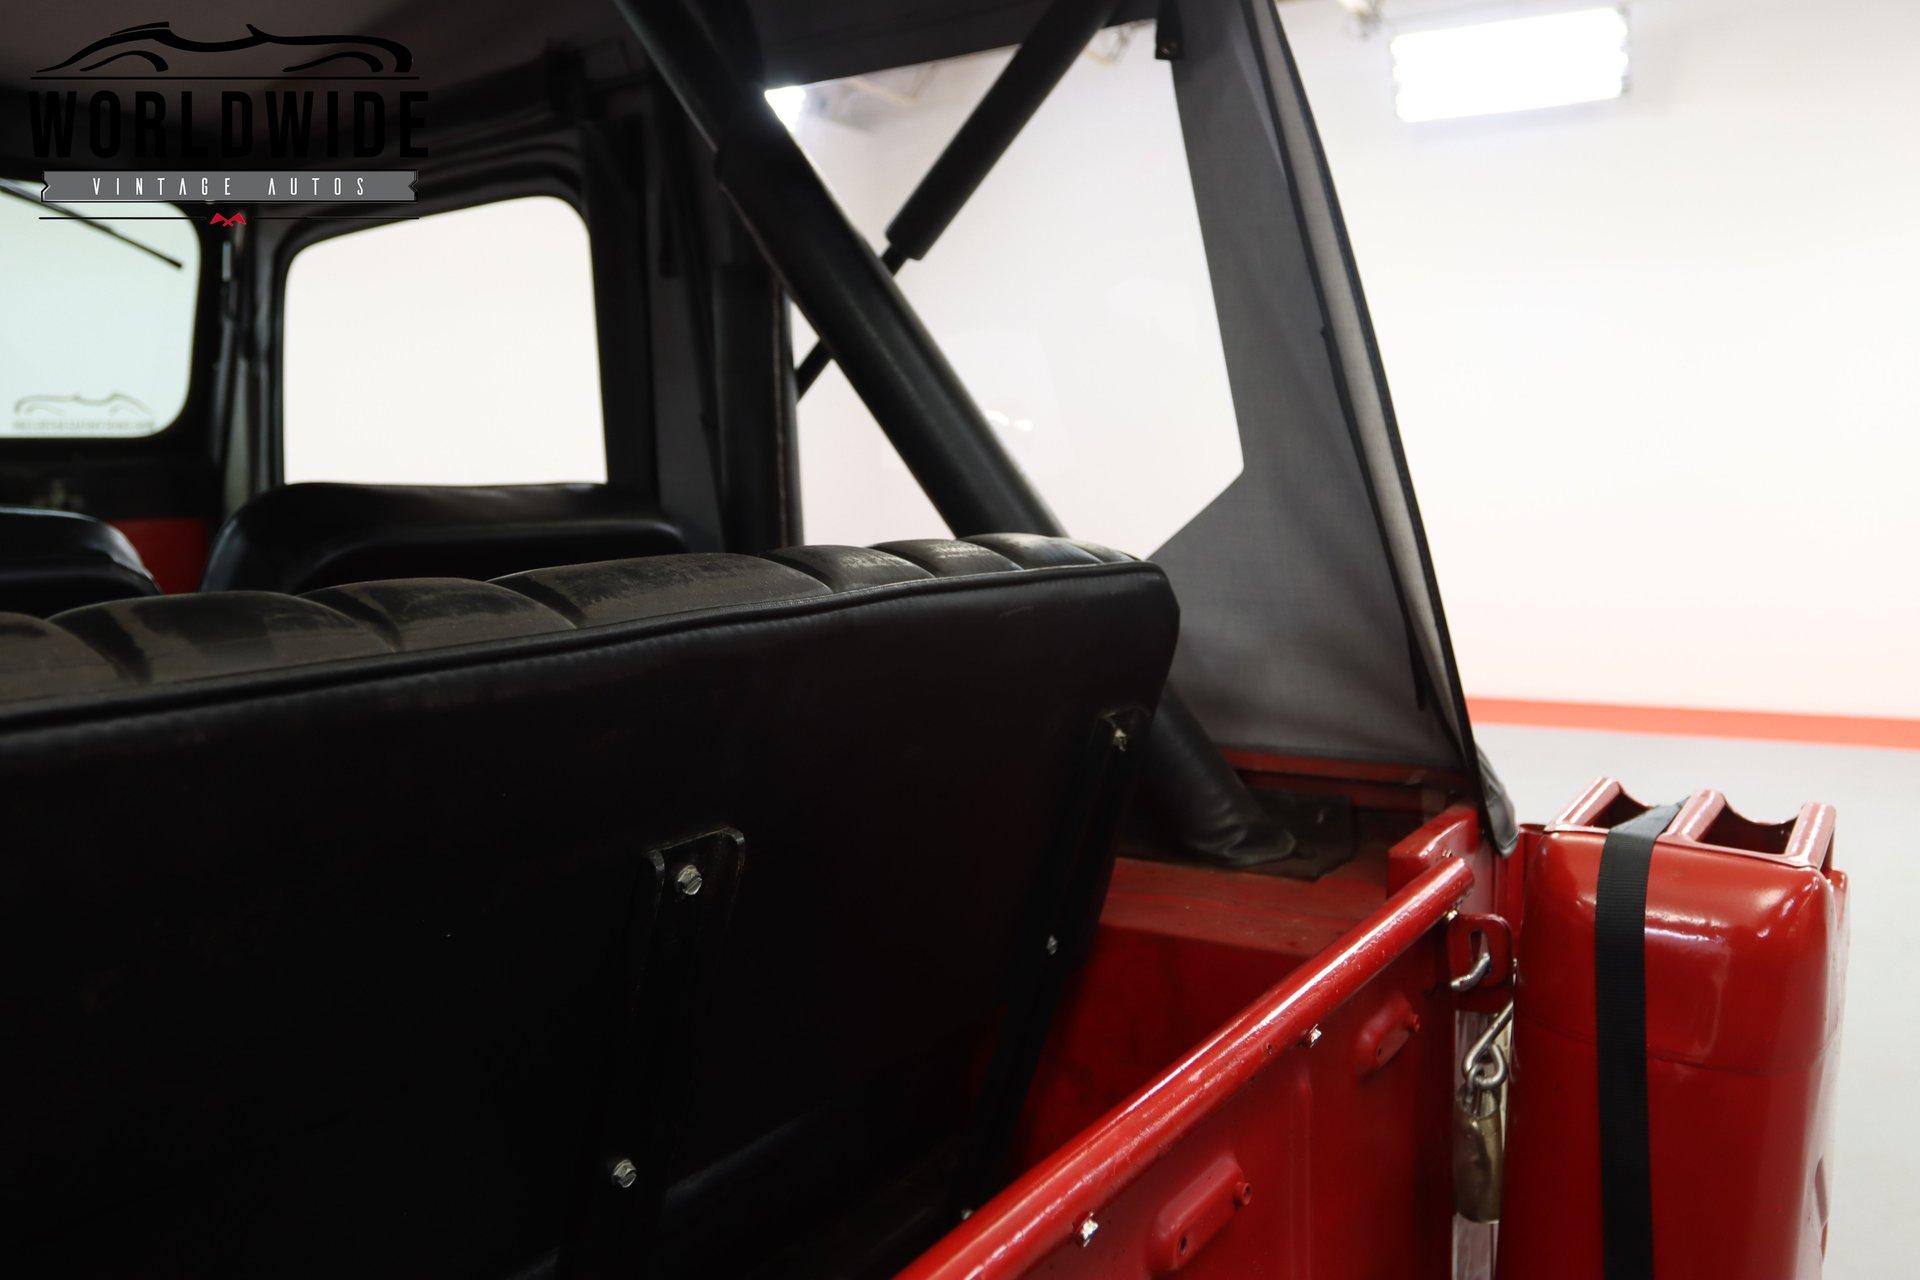 1962 Jeep Willys CJ5